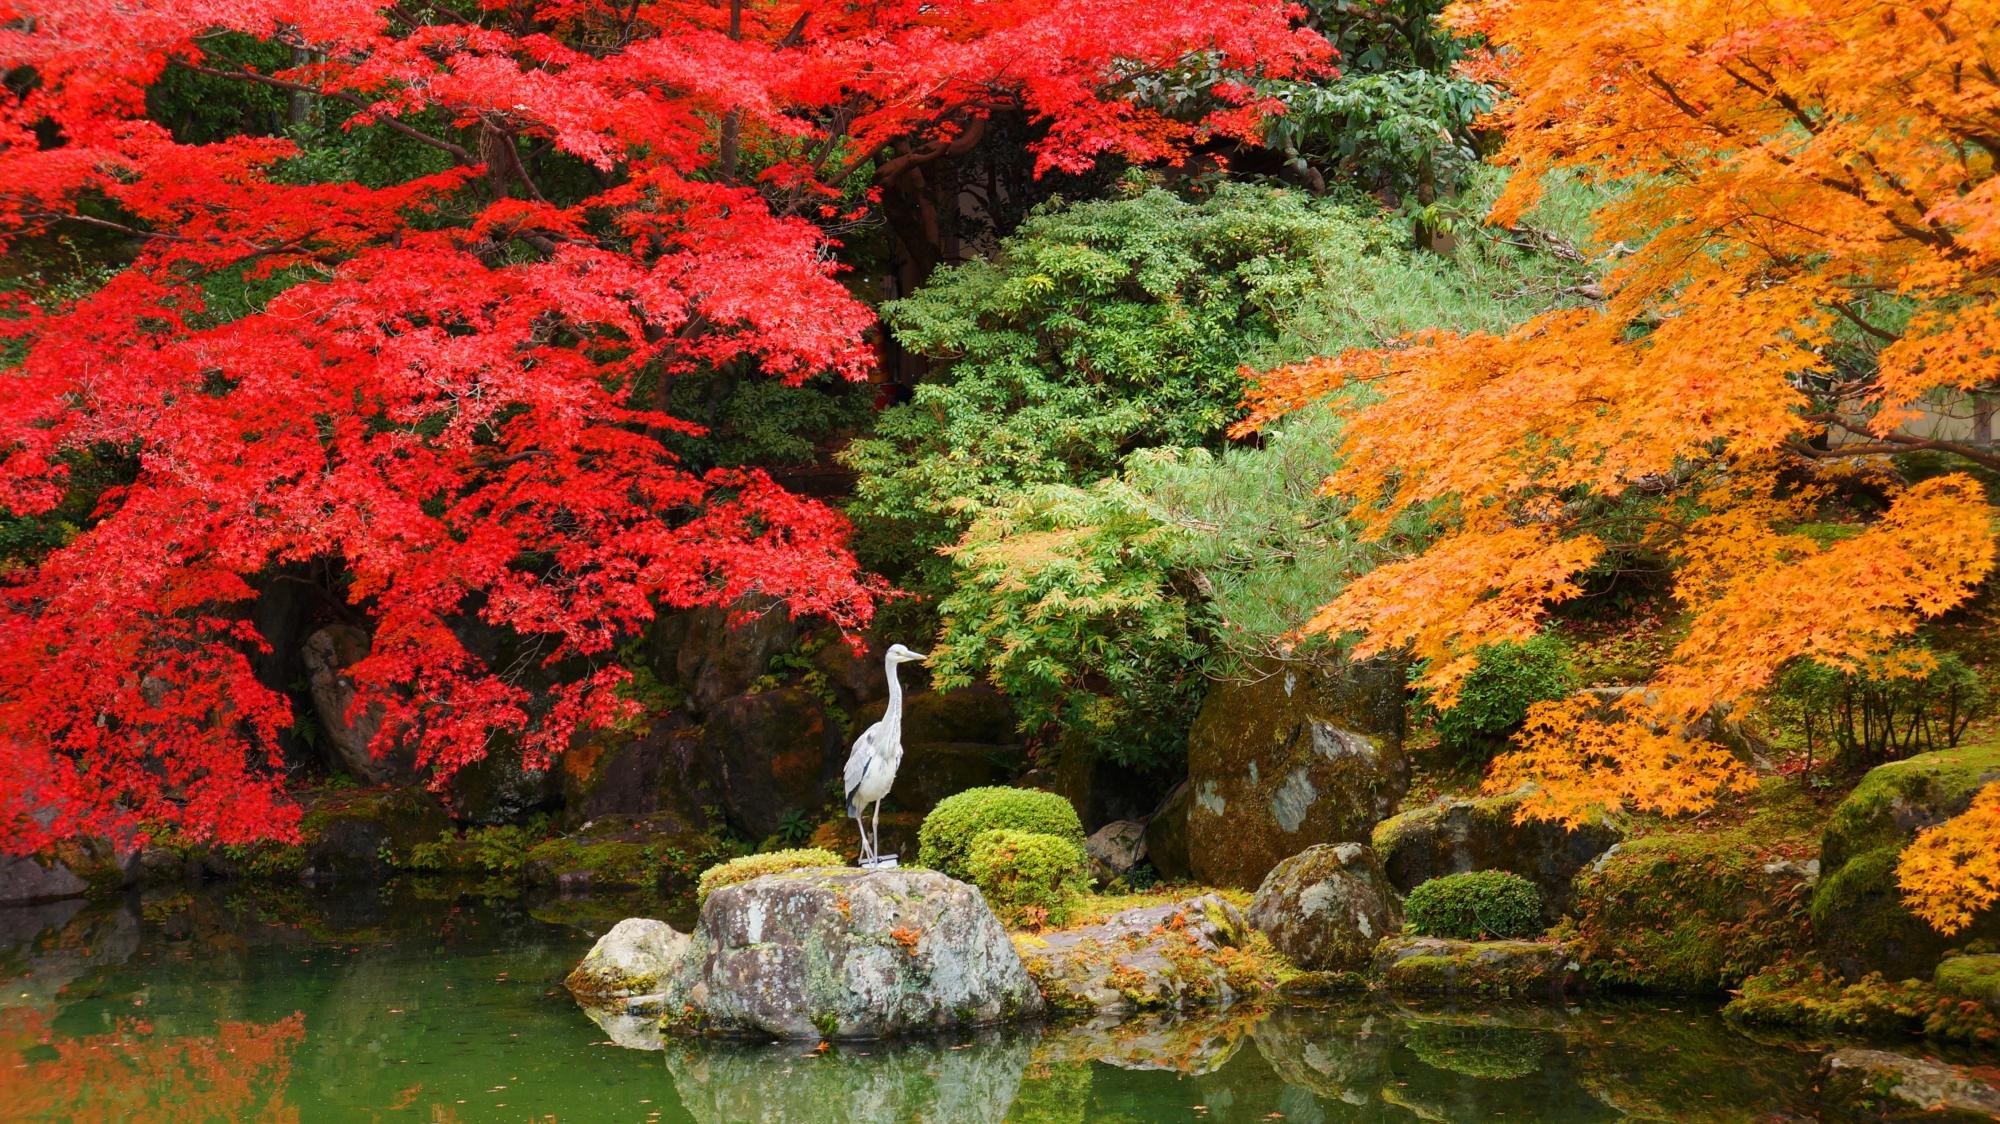 知恩院友禅苑の素晴らしすぎる紅葉と秋の情景